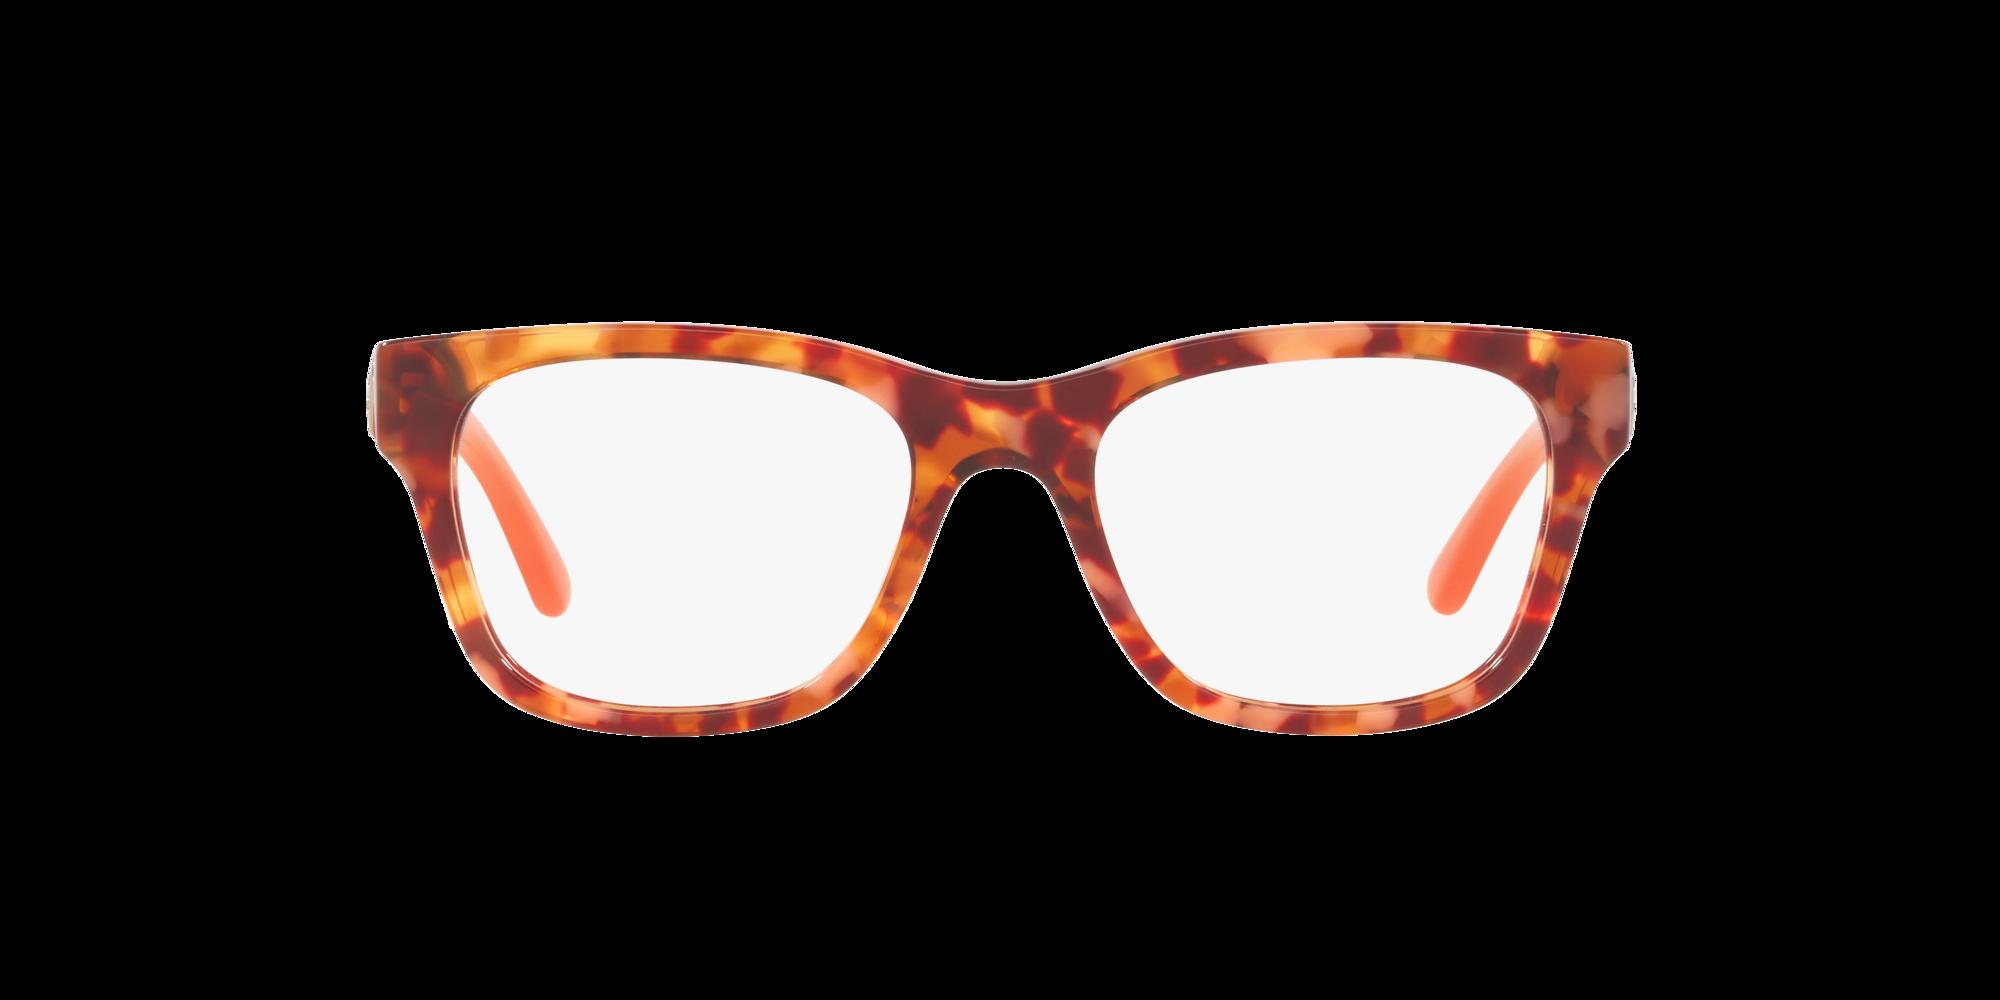 Imagen para TY2098 de LensCrafters |  Espejuelos, espejuelos graduados en línea, gafas